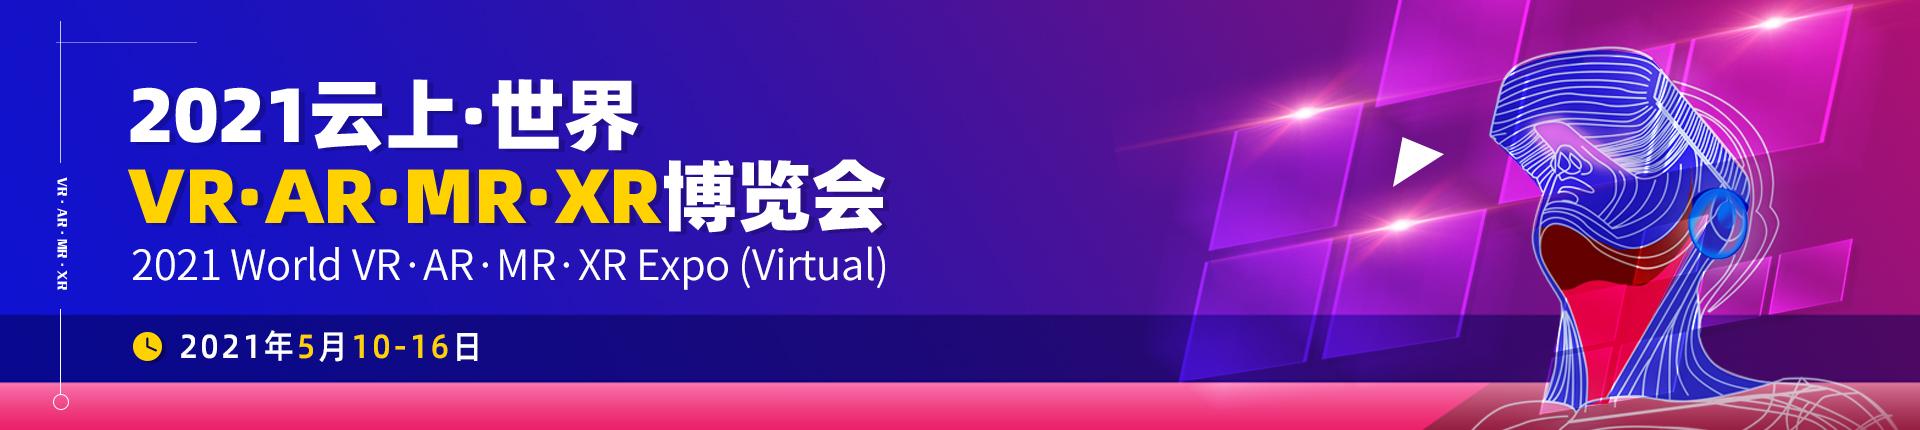 2021云上·世界VR·AR·MR·XR博览会